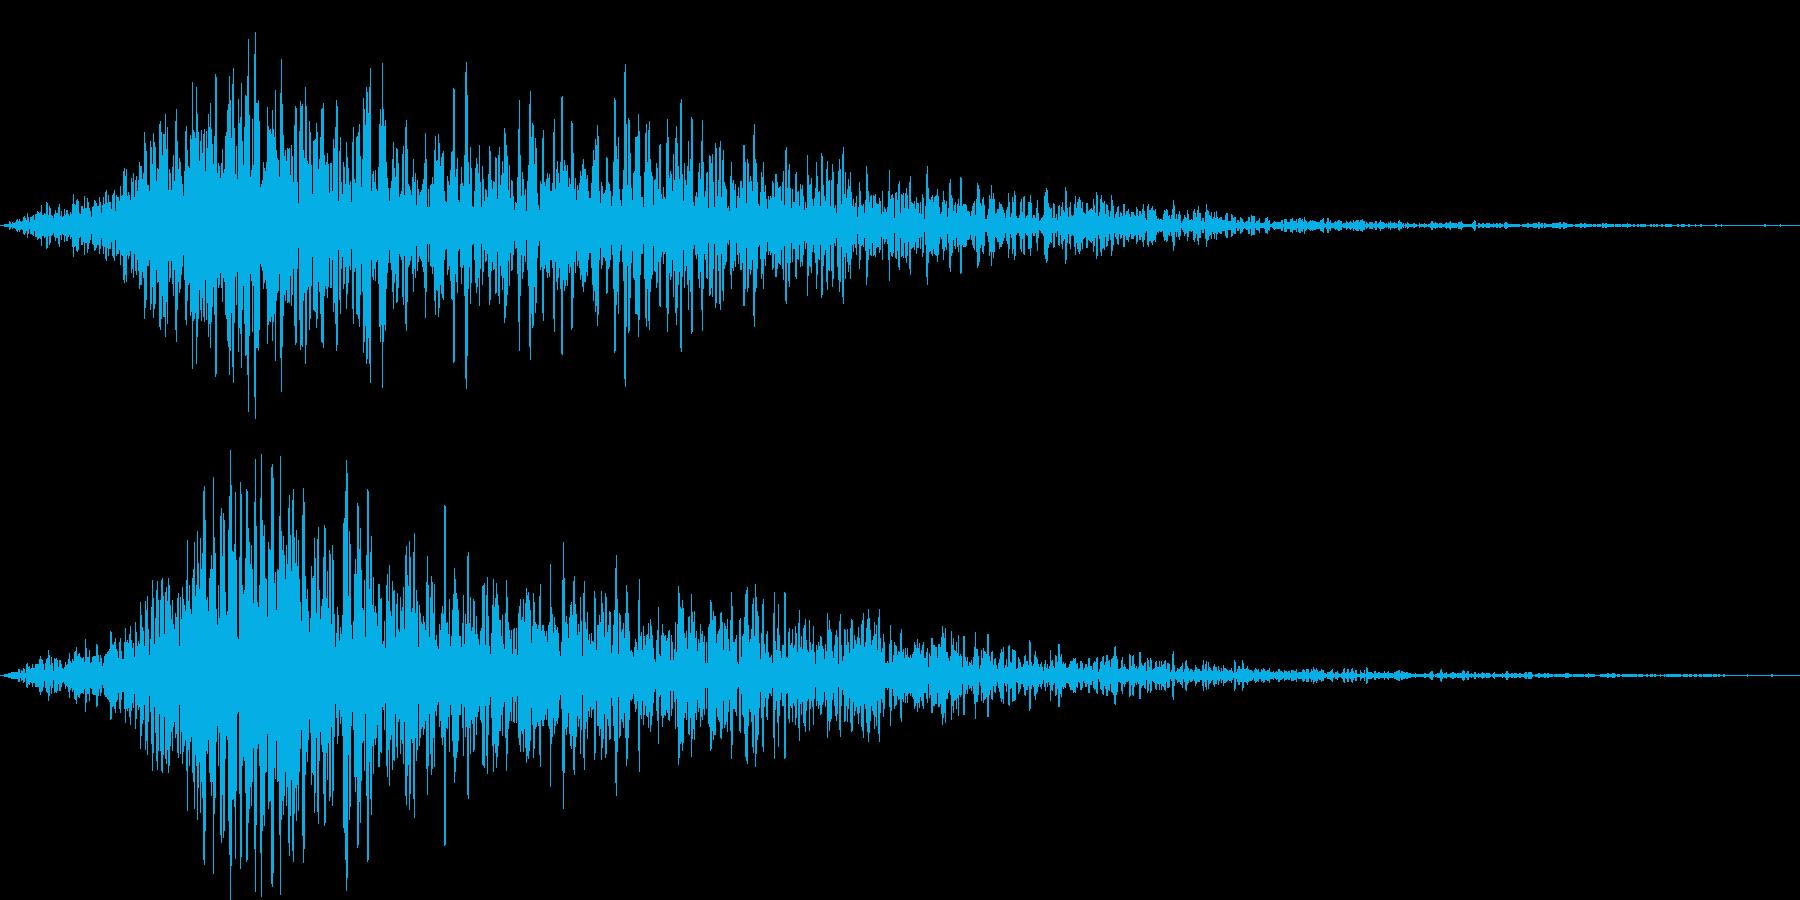 タイトル表記などの効果7の再生済みの波形